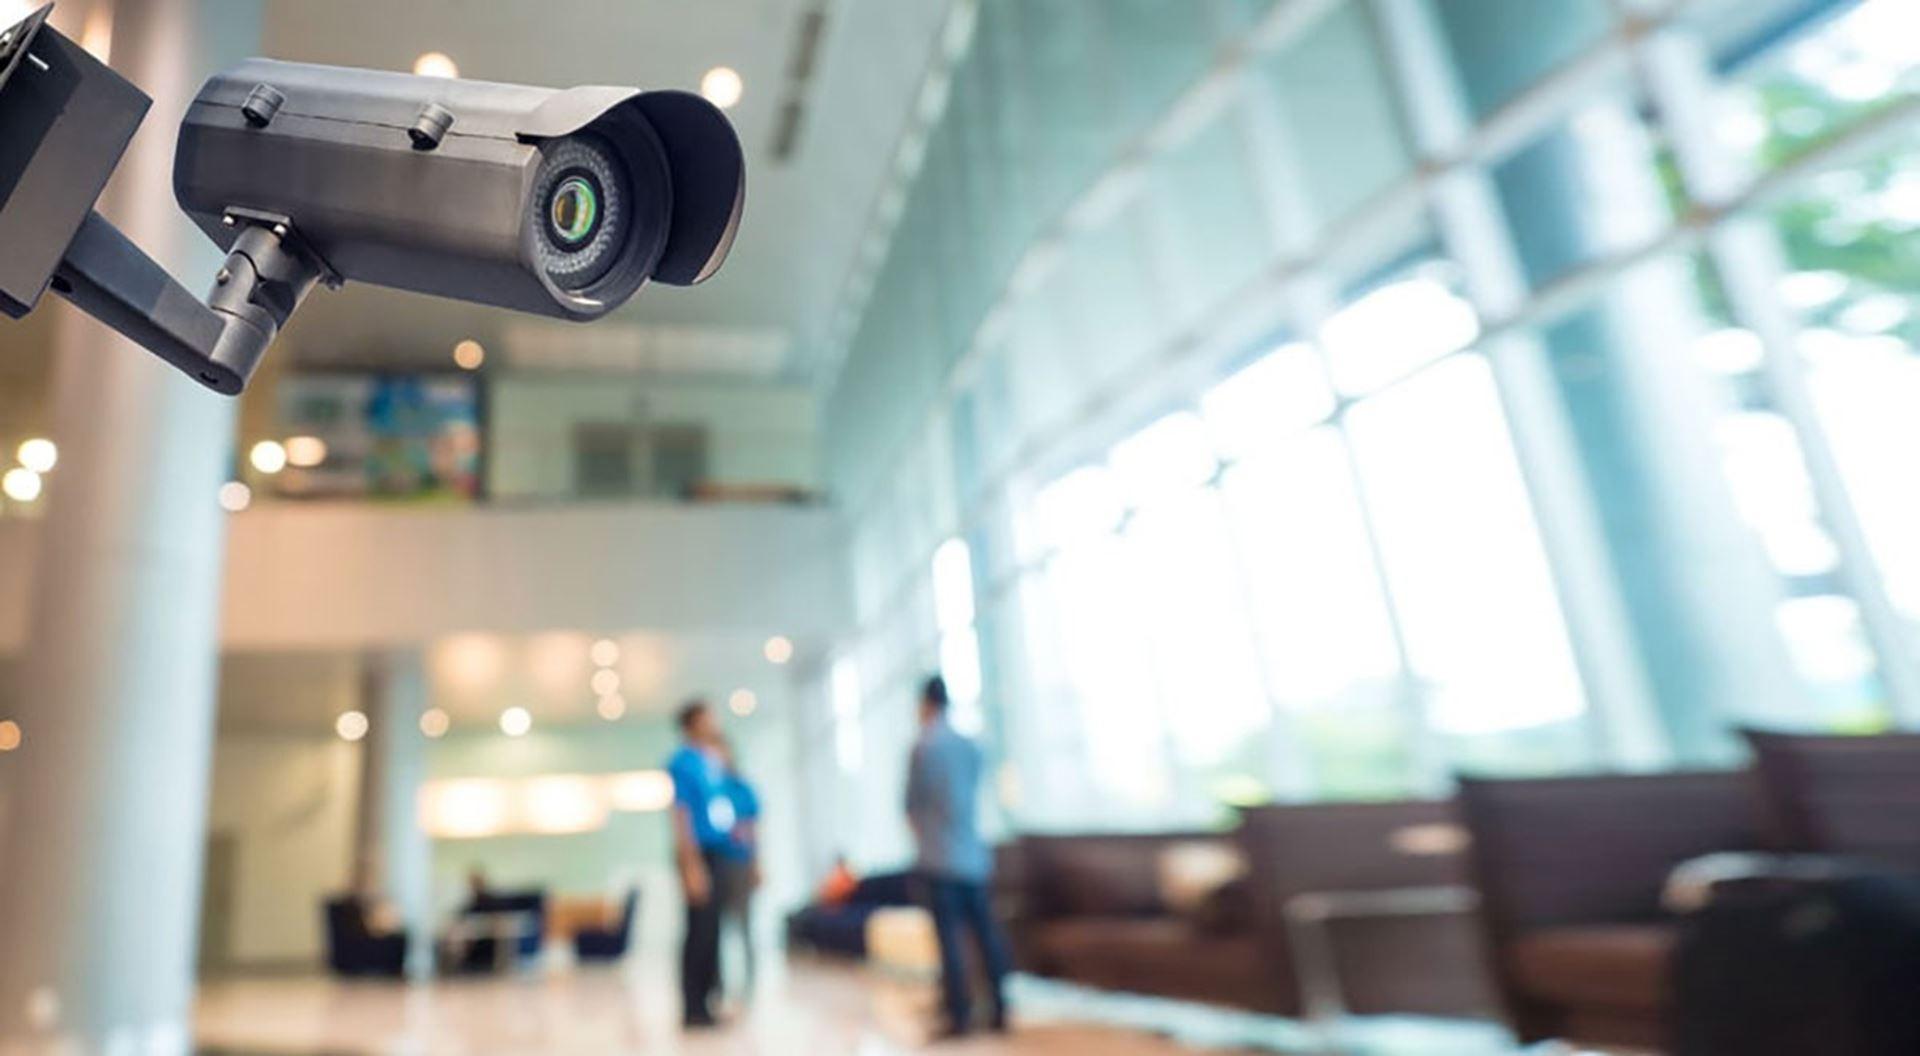 Evinde, iş yerinde güvenlik kamerası olanlar dikkat !